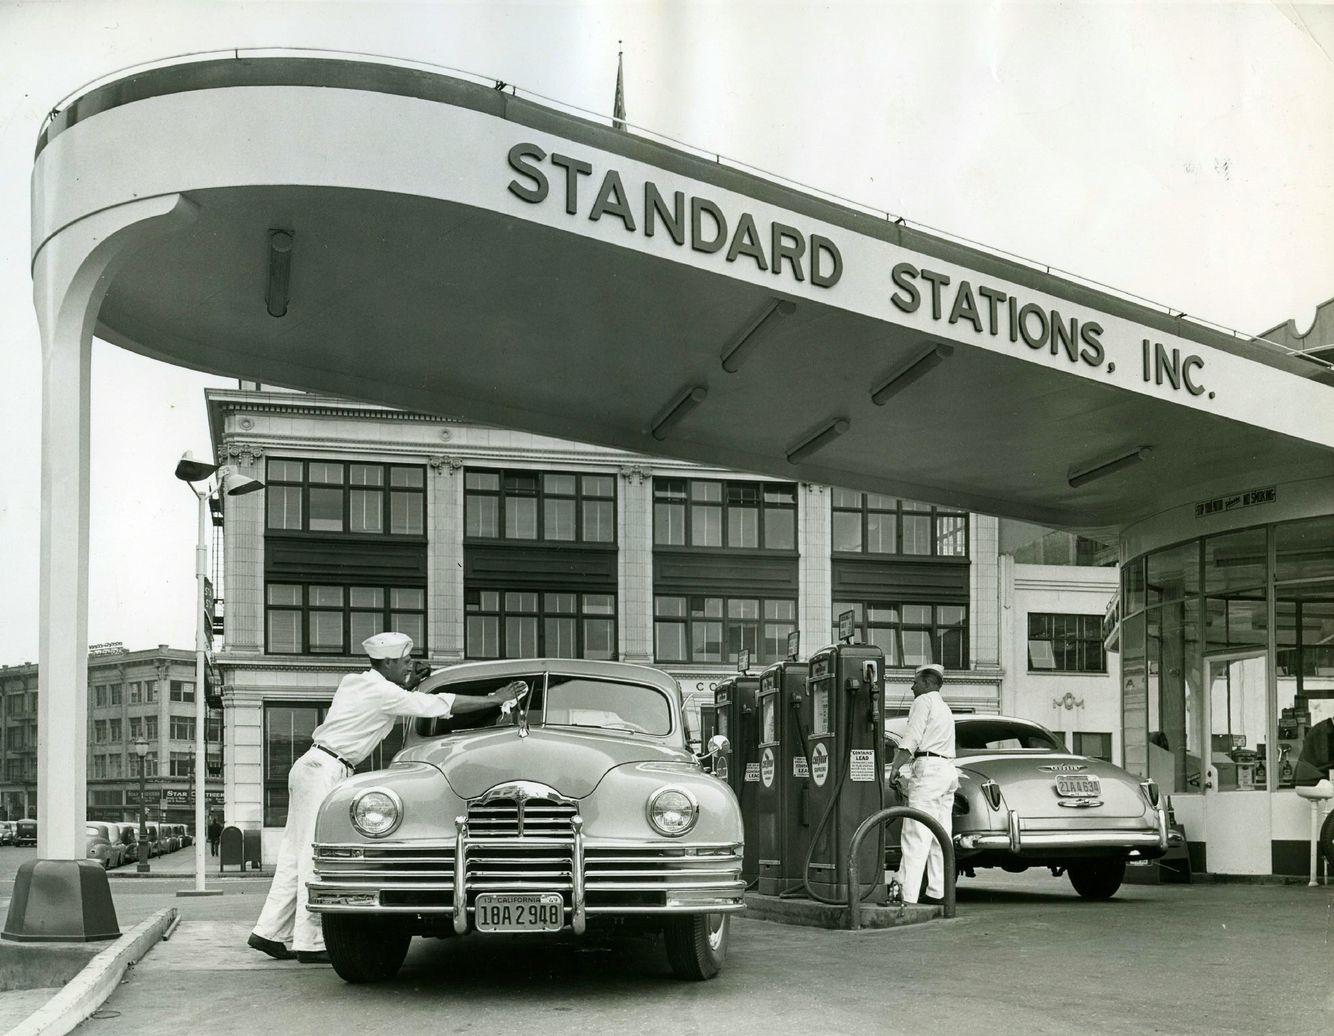 Car Dealerships Panama City Fl >> Standard Stations 1950's | Old gas stations, Vintage gas pumps, Filling station